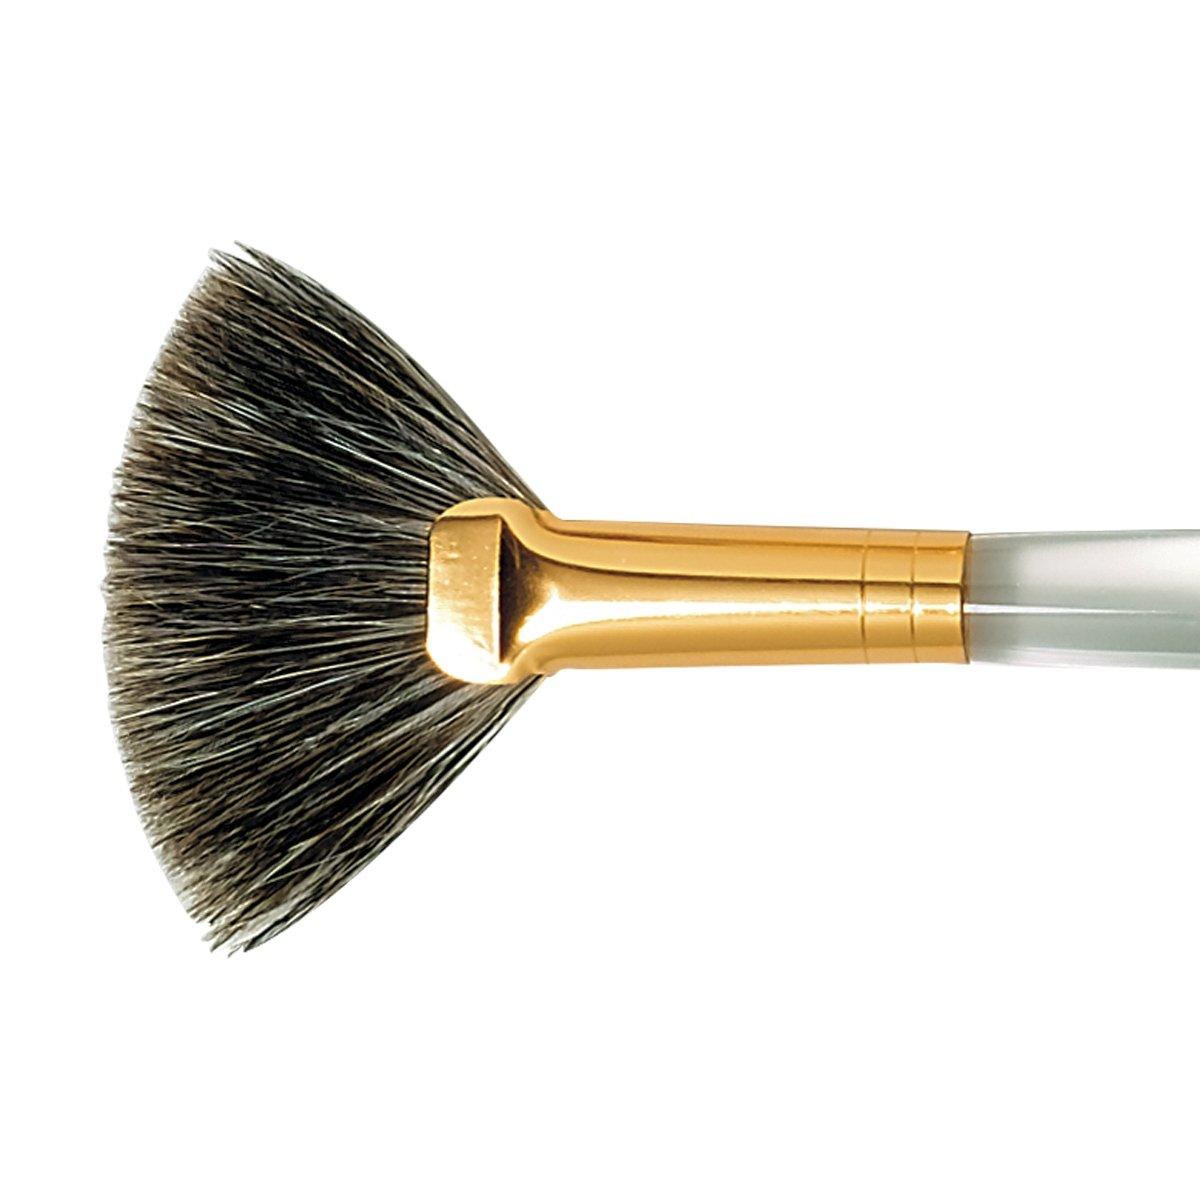 Duncan Signature Paint Brush - SB807 No. 6 Fan Glaze